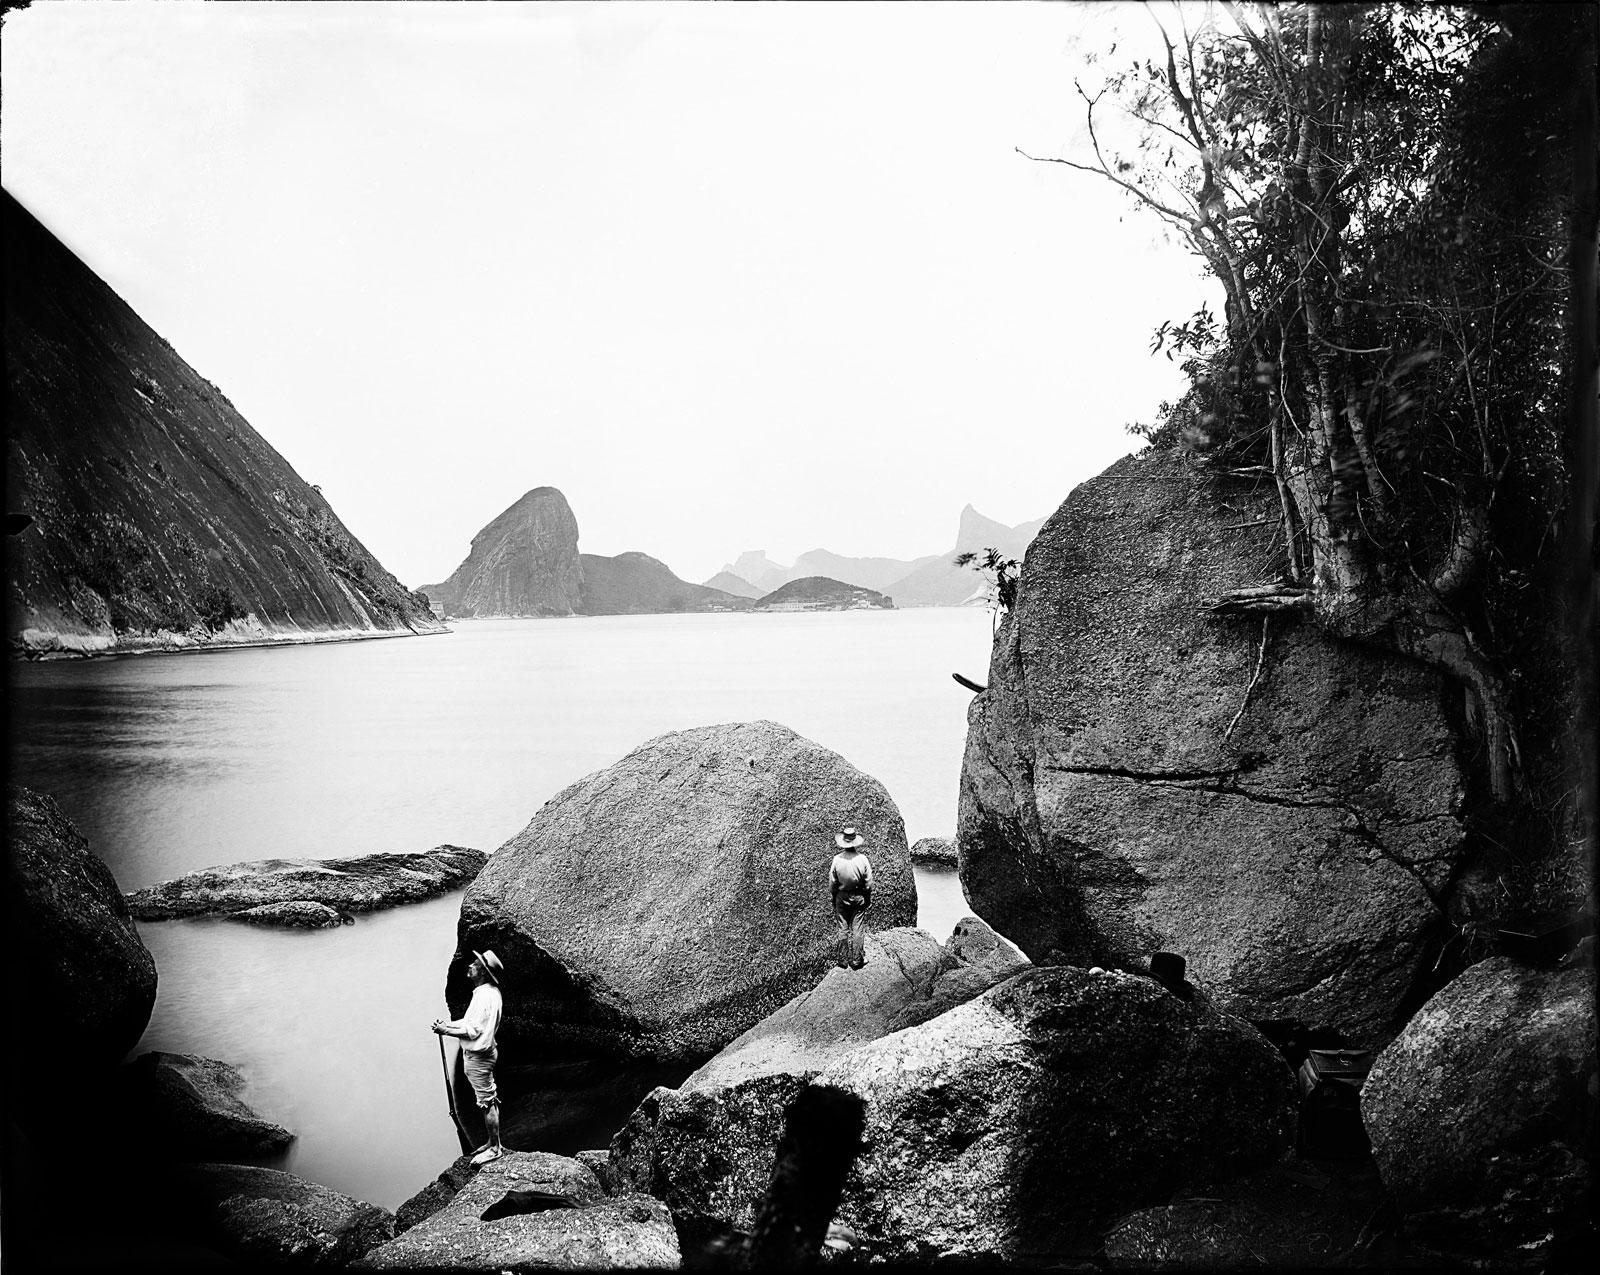 Entrance to Guanabara bay from Adão e Eva (Adam and Eve Beach), Niterói, circa 1890